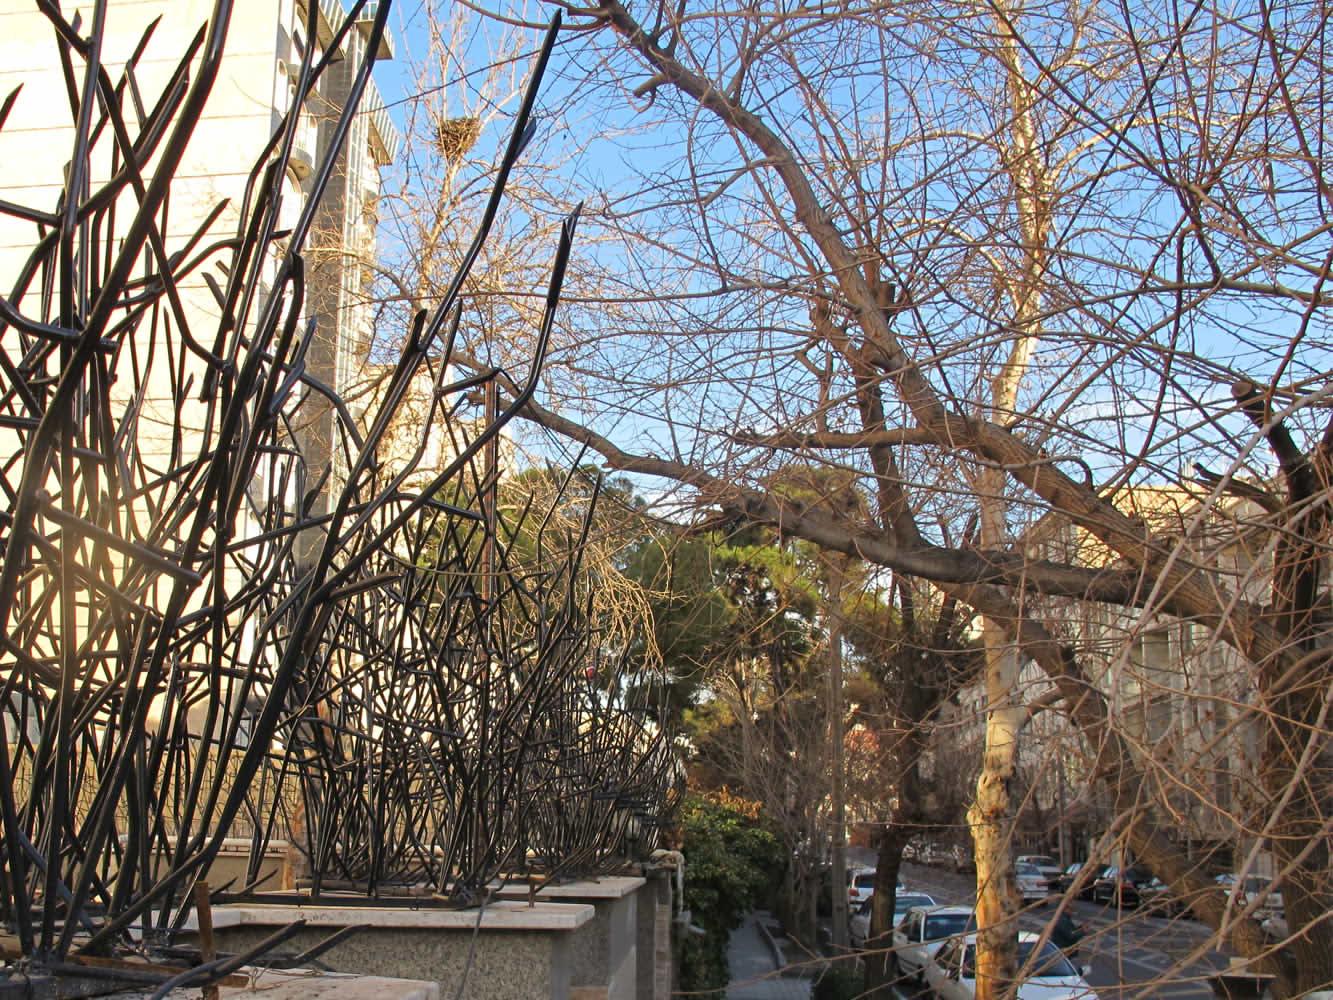 حفاظ بوته ای، حفاظ شاخ گوزنی، حفاظ ساختمان